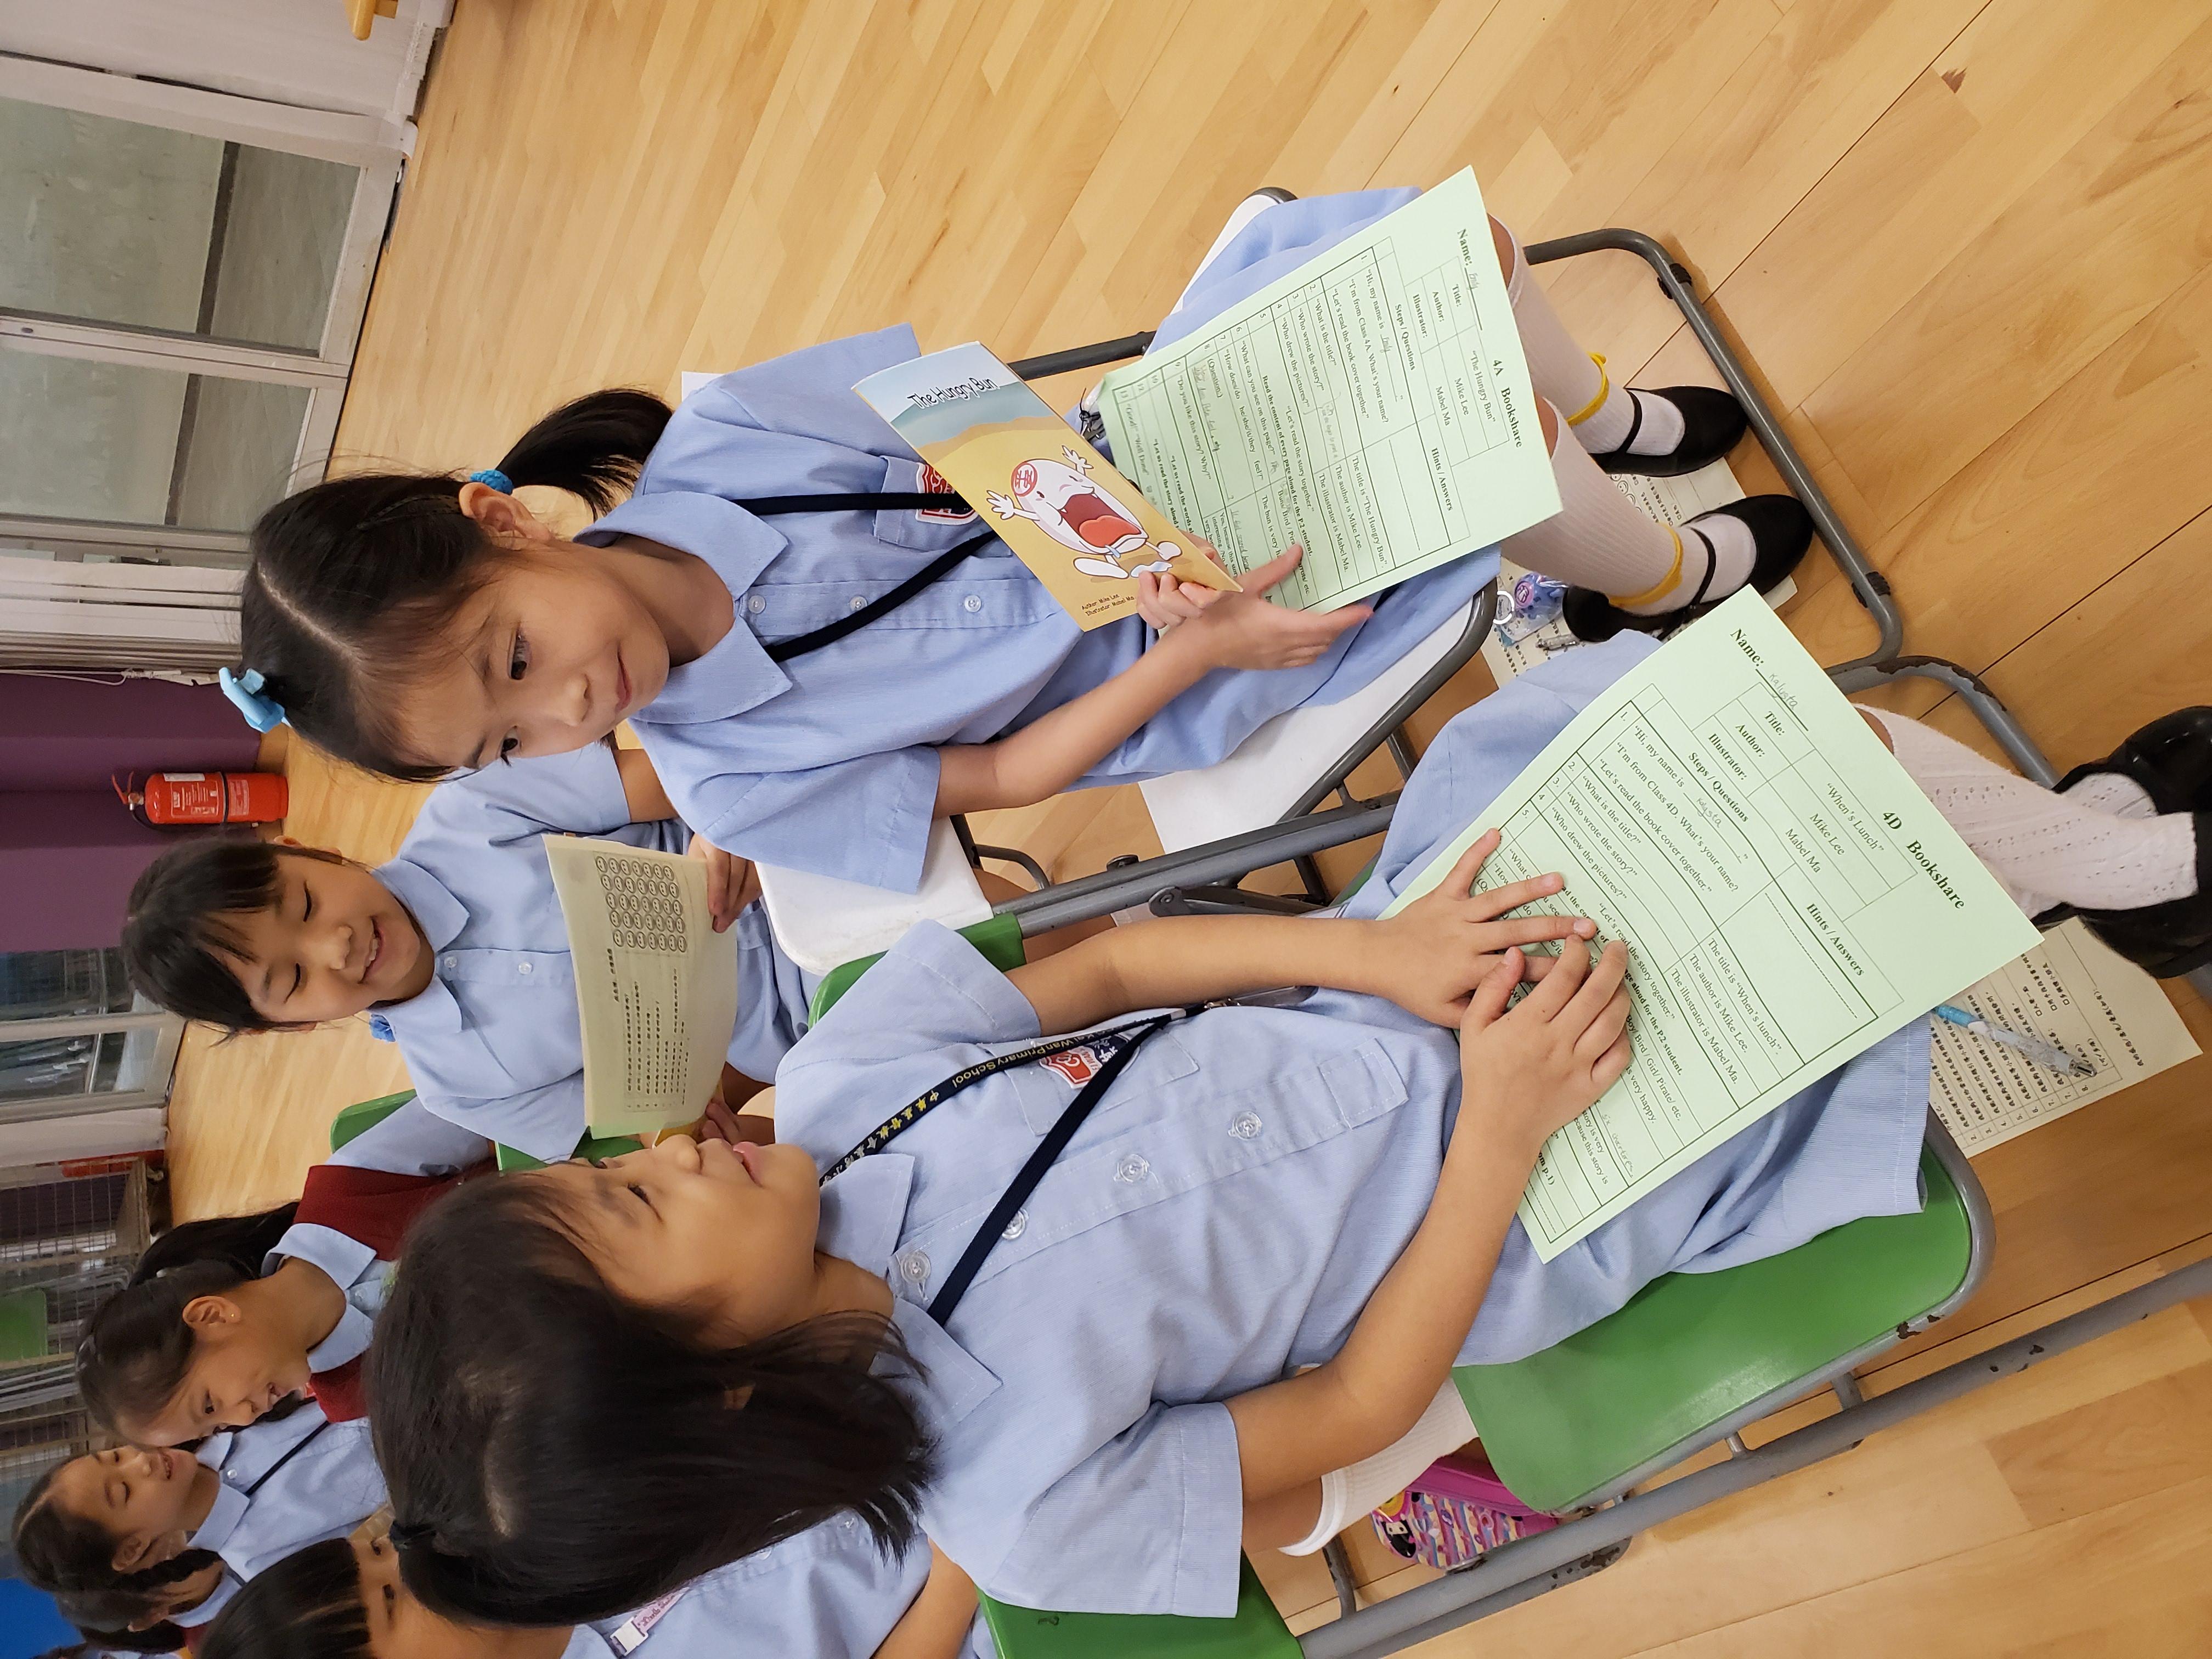 http://www.keiwan.edu.hk/sites/default/files/20191016_132919.jpg